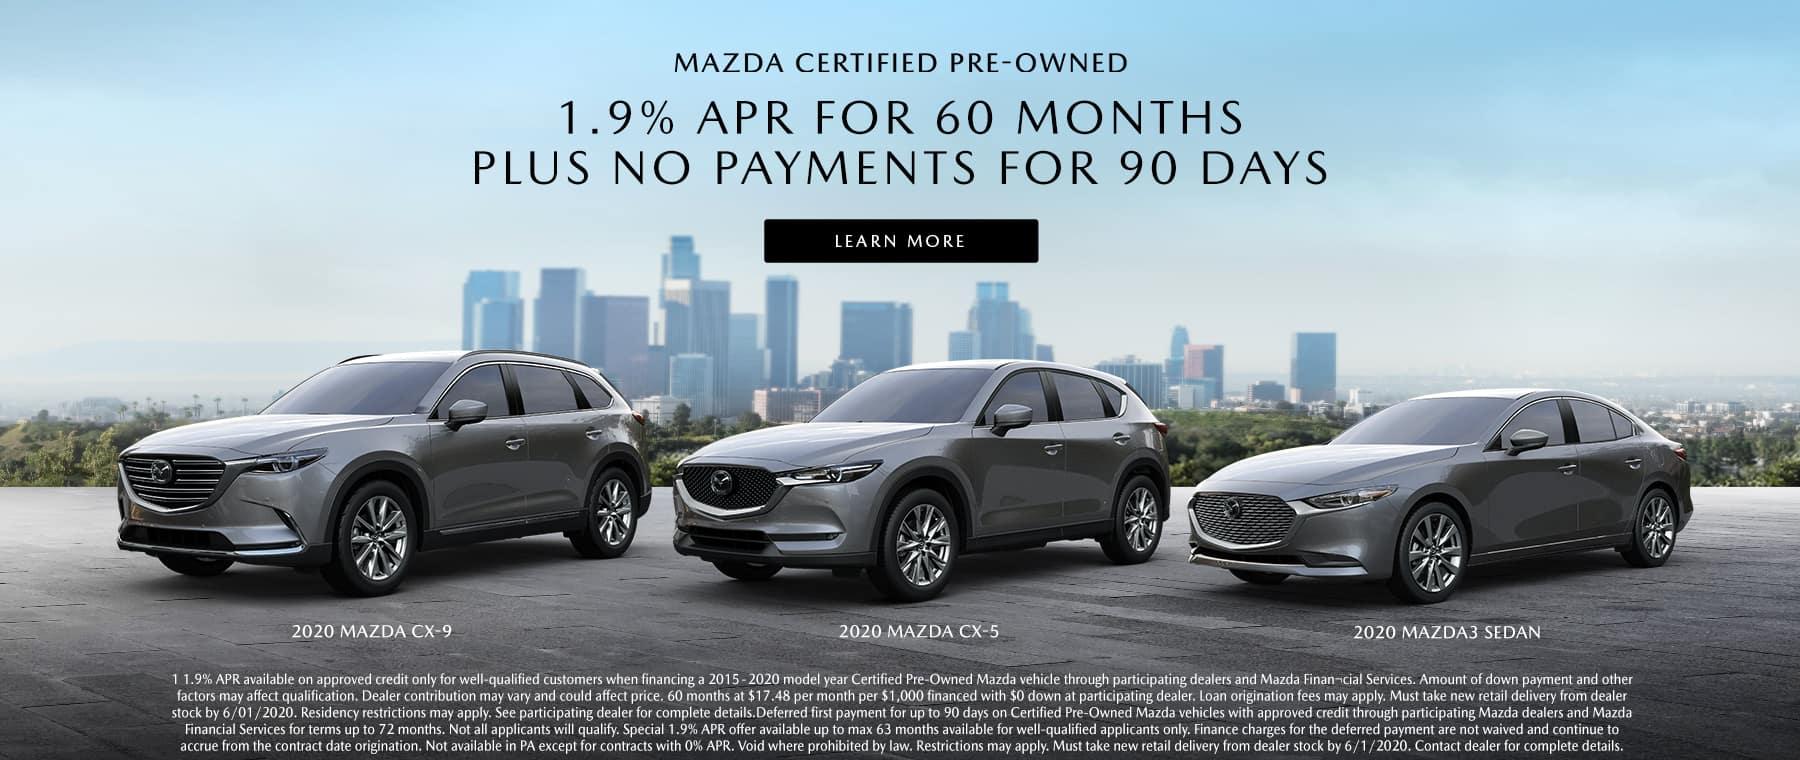 Mazda CPO Offer